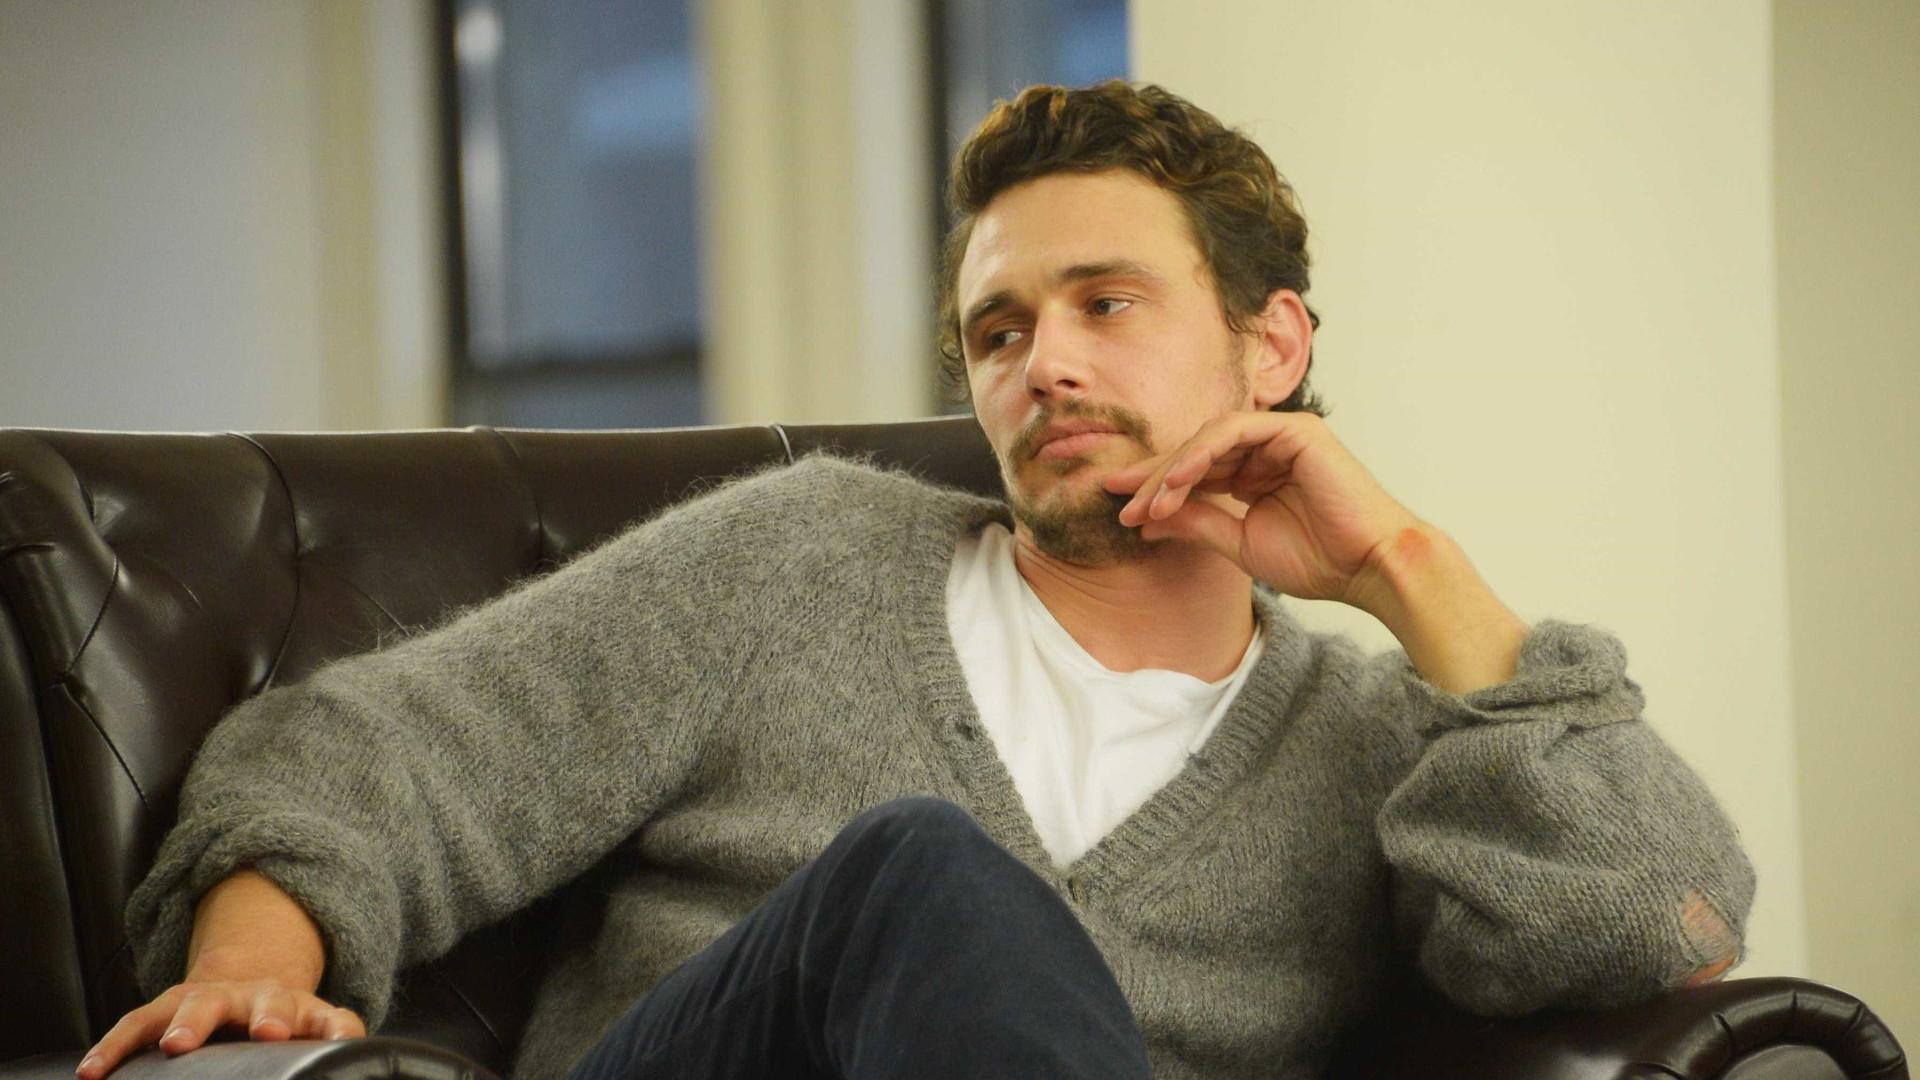 Universidades afirmam que não há queixas contra James Franco